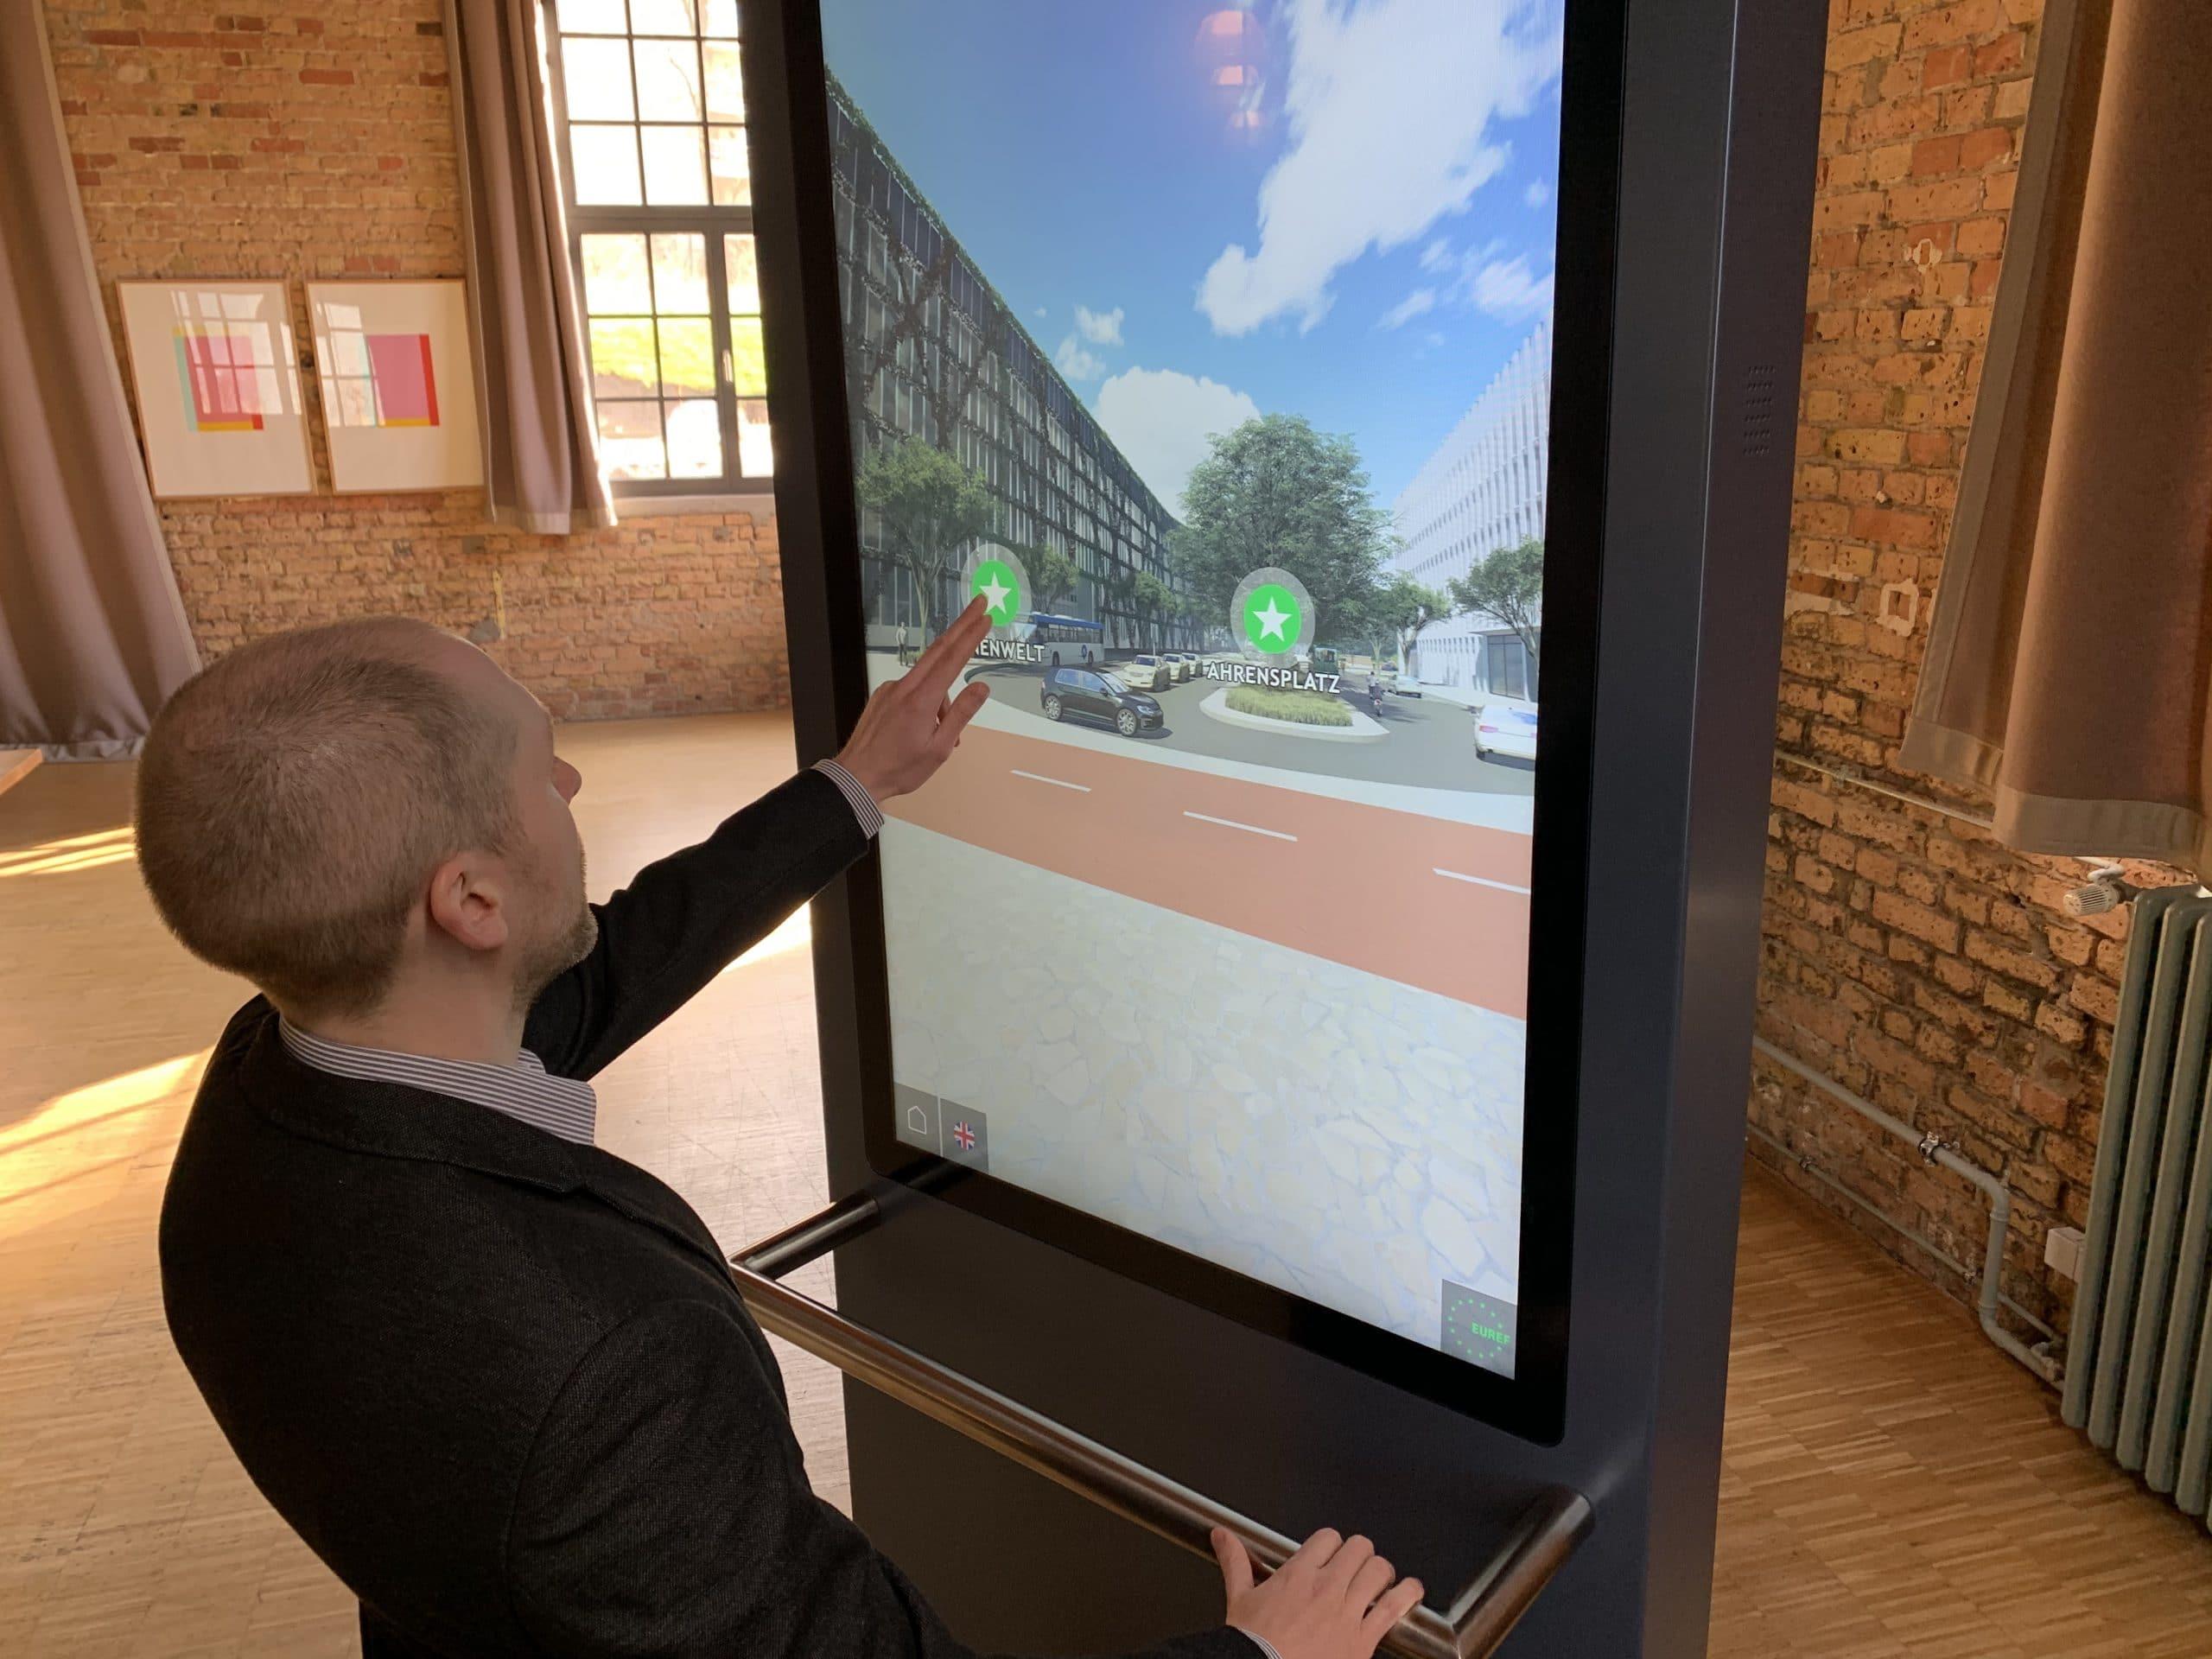 Drehbarer Screen für Immersive Einblicke und rundum Panorama-Perspektiven